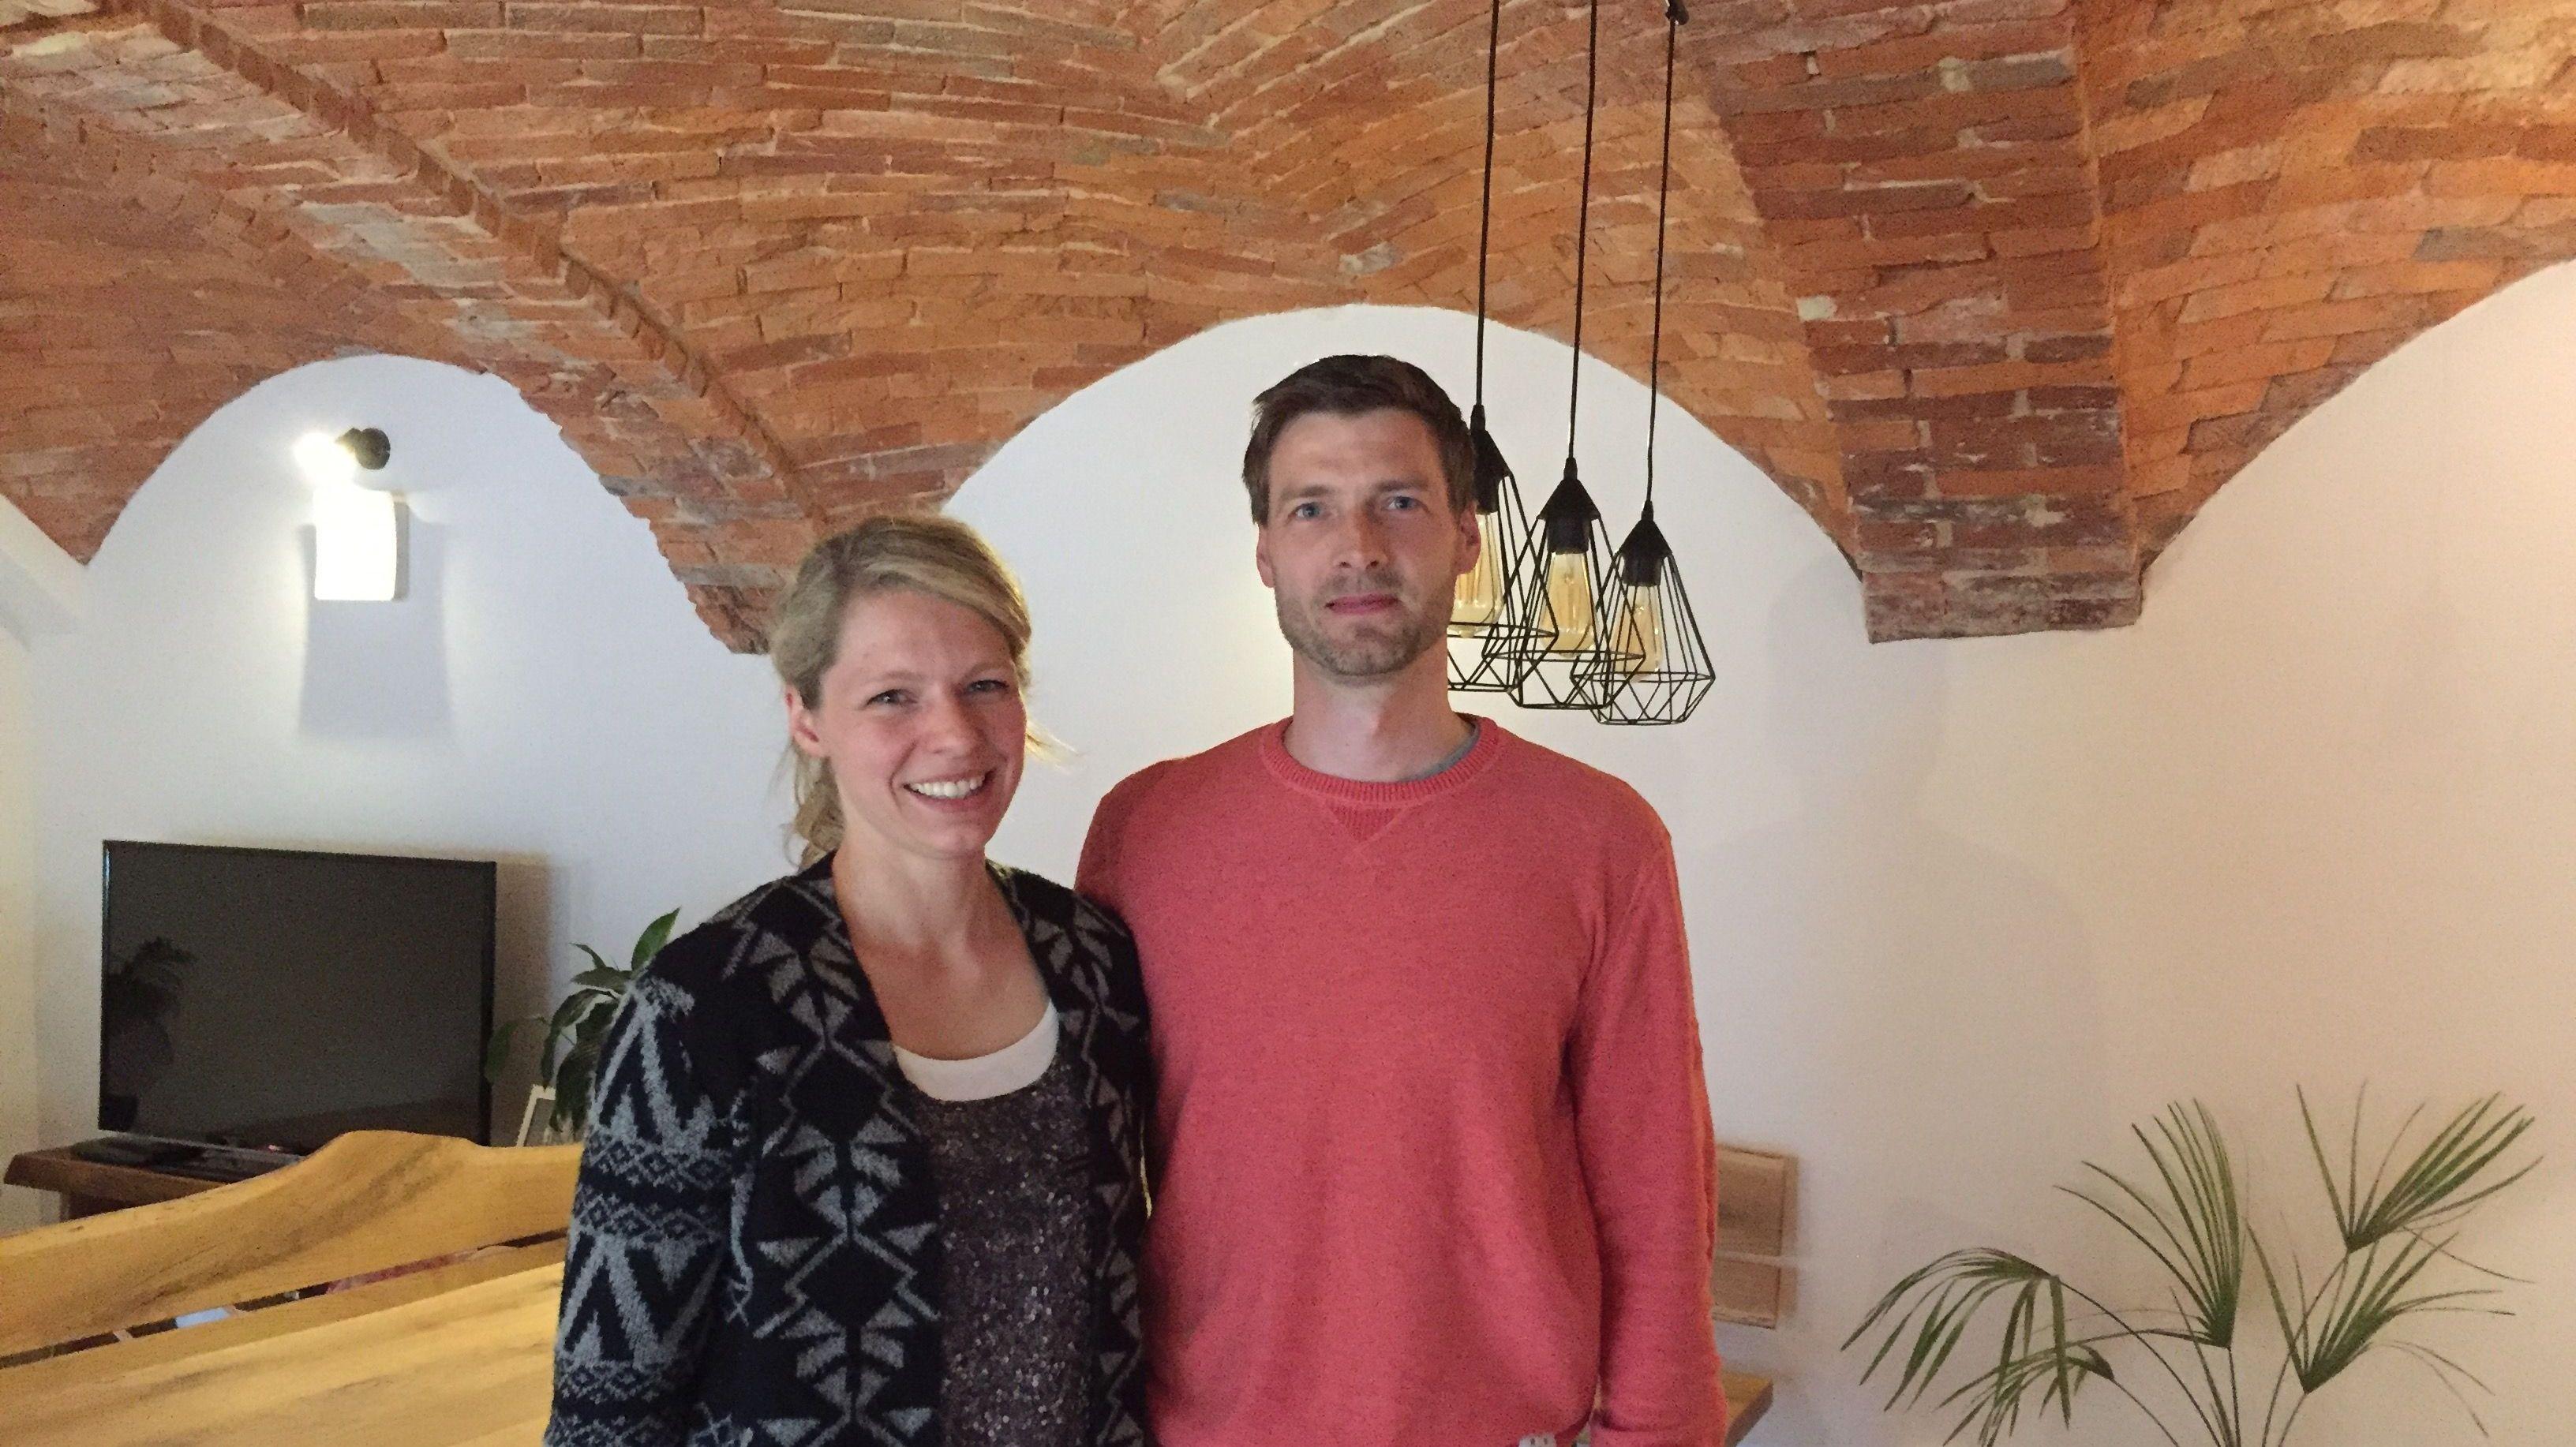 Stephanie und Roman Aschenbrenner in ihrem Wohnzimmer im alten Gewölbe-Kuhstall